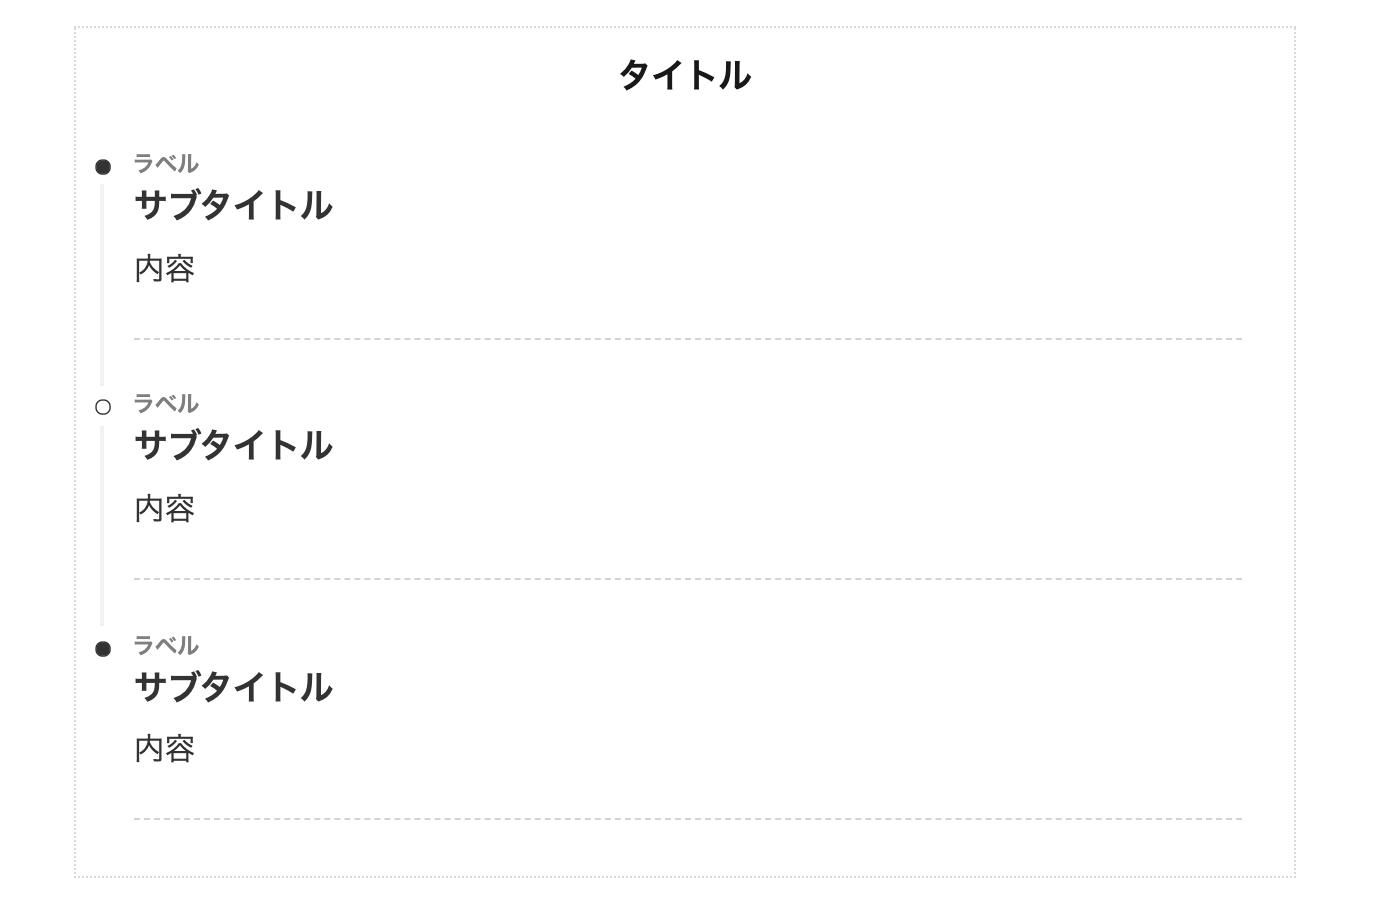 タイムライン(THE THORのデフォルト風)